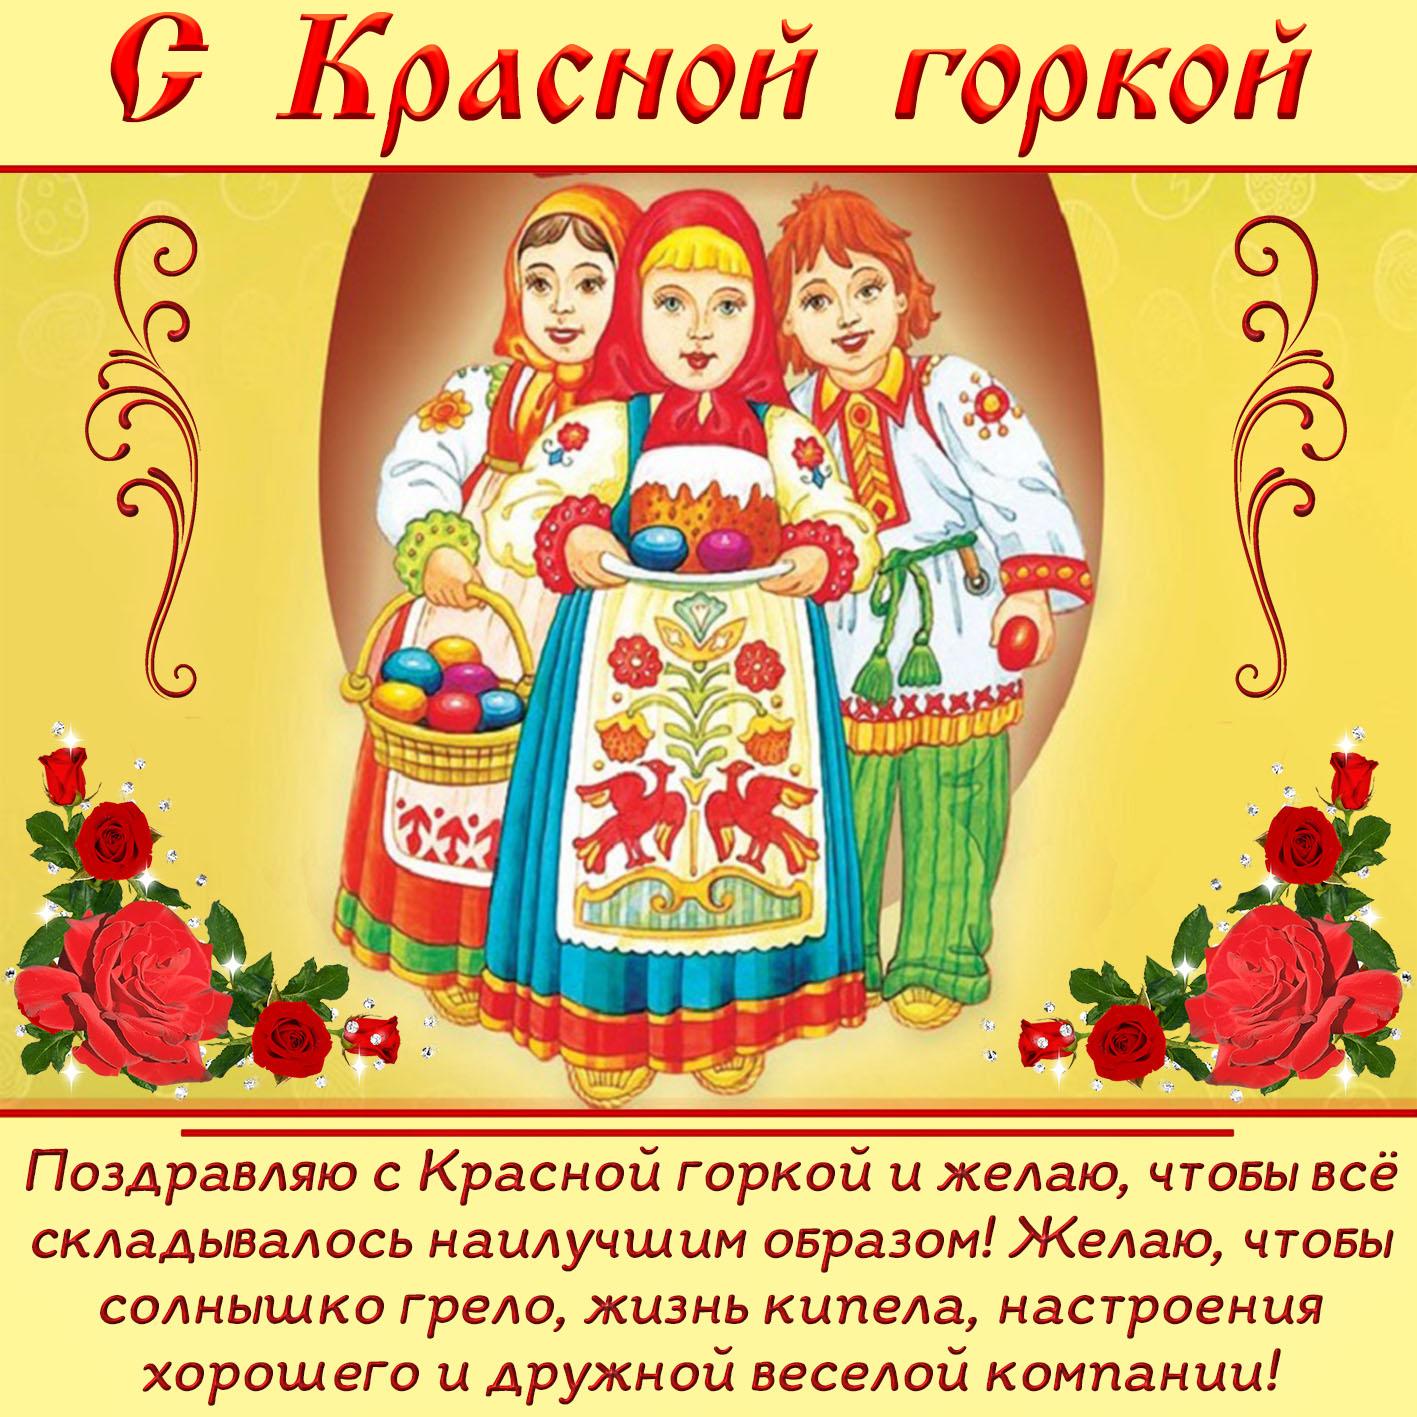 Гиф открытки с красной горкой, надписями